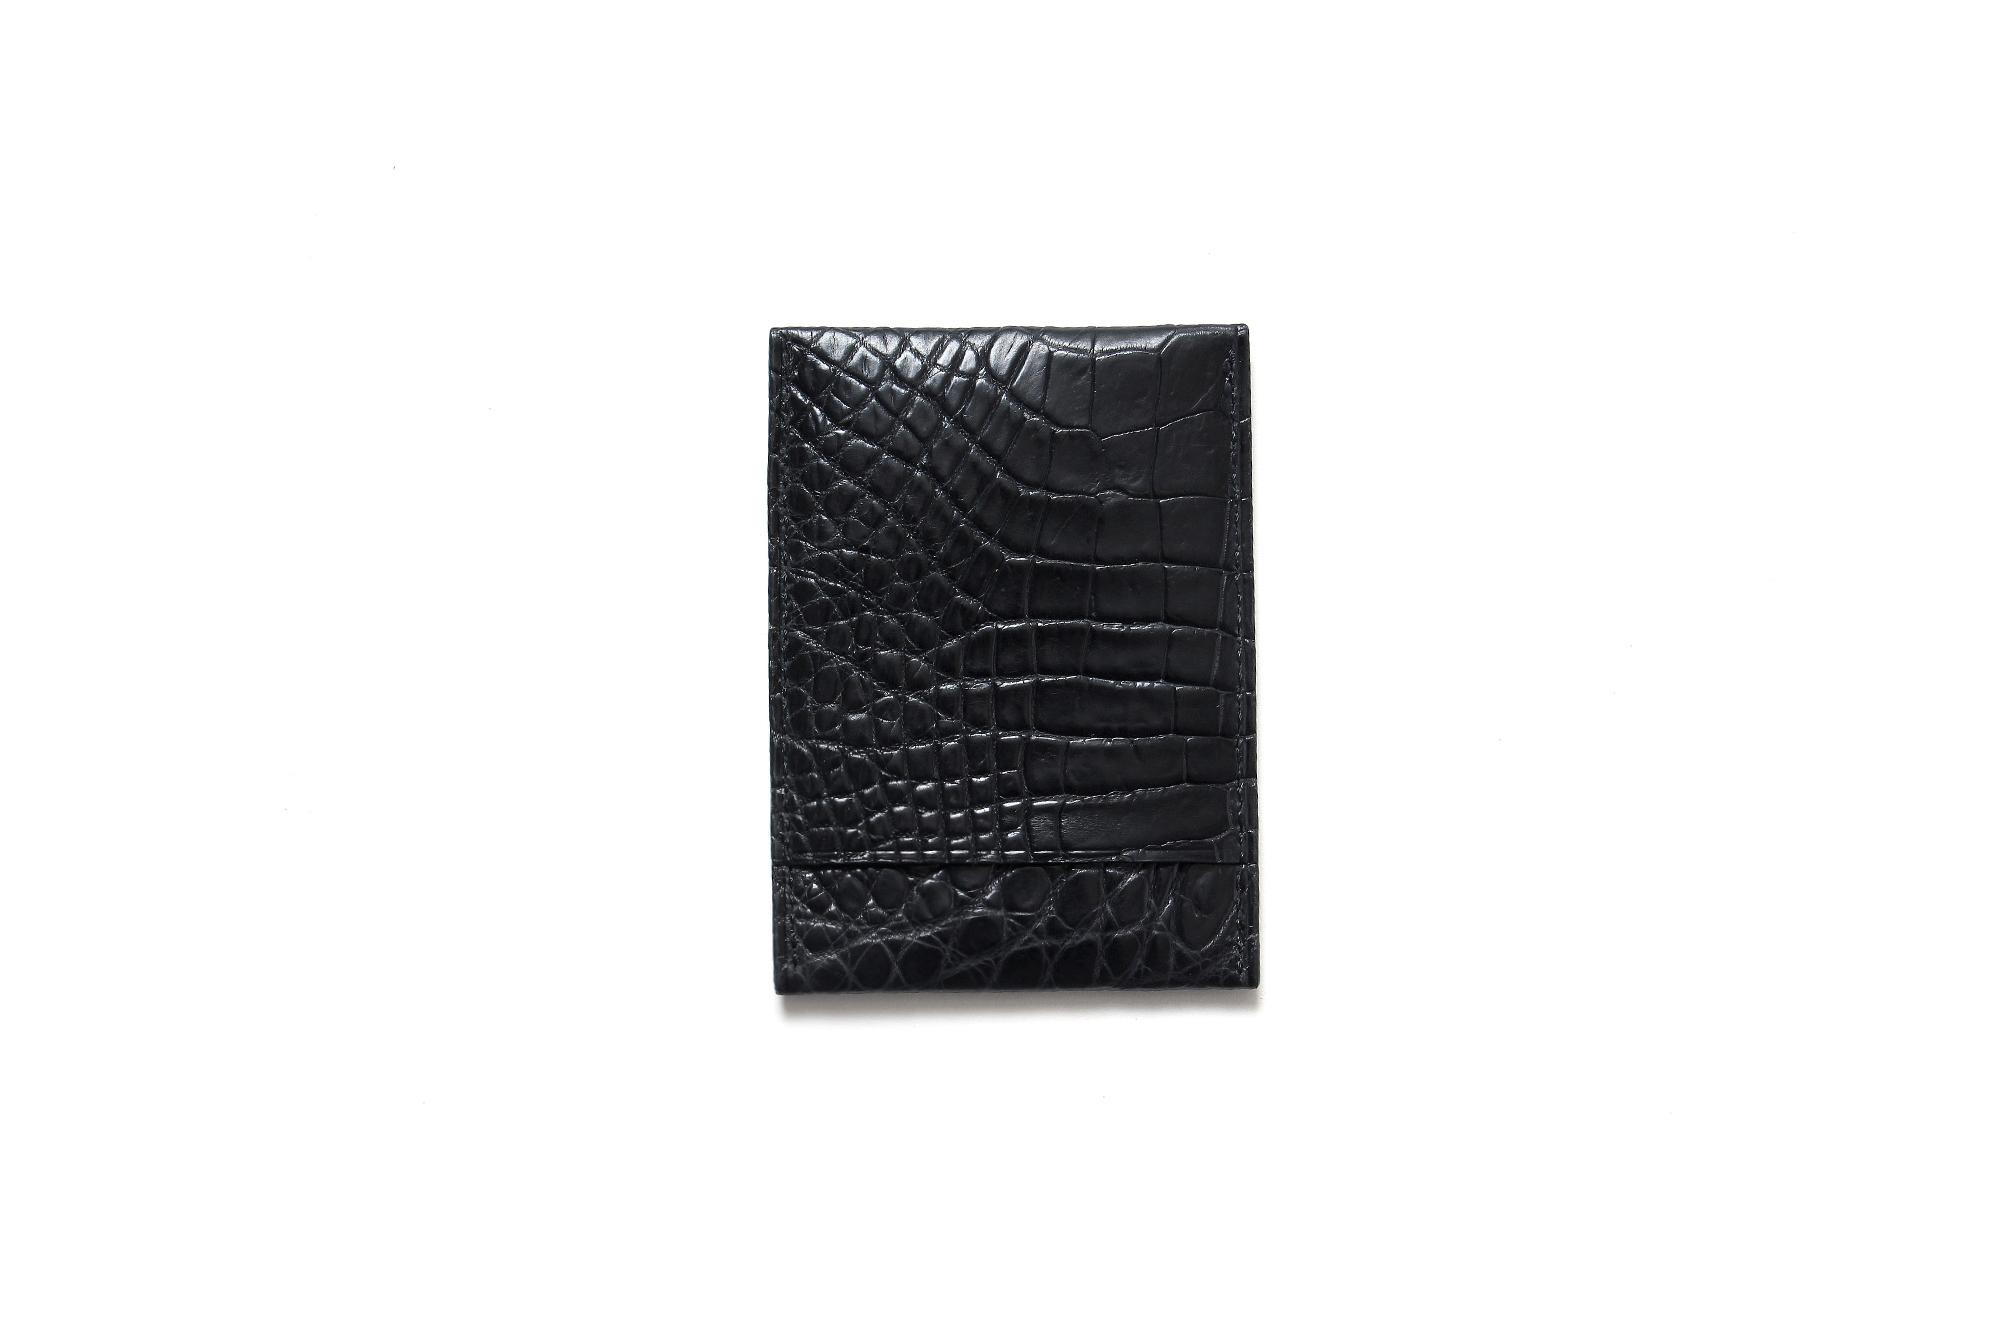 cuervo bopoha (クエルボ ヴァローナ) Thelonious (セロニアス) Crocodile Leather (クロコダイルレザー) カードケース BLACK (ブラック) Made in Japan (日本製) 2021 愛知 名古屋 Alto e Diritto altoediritto アルトエデリット エキゾチックレザー